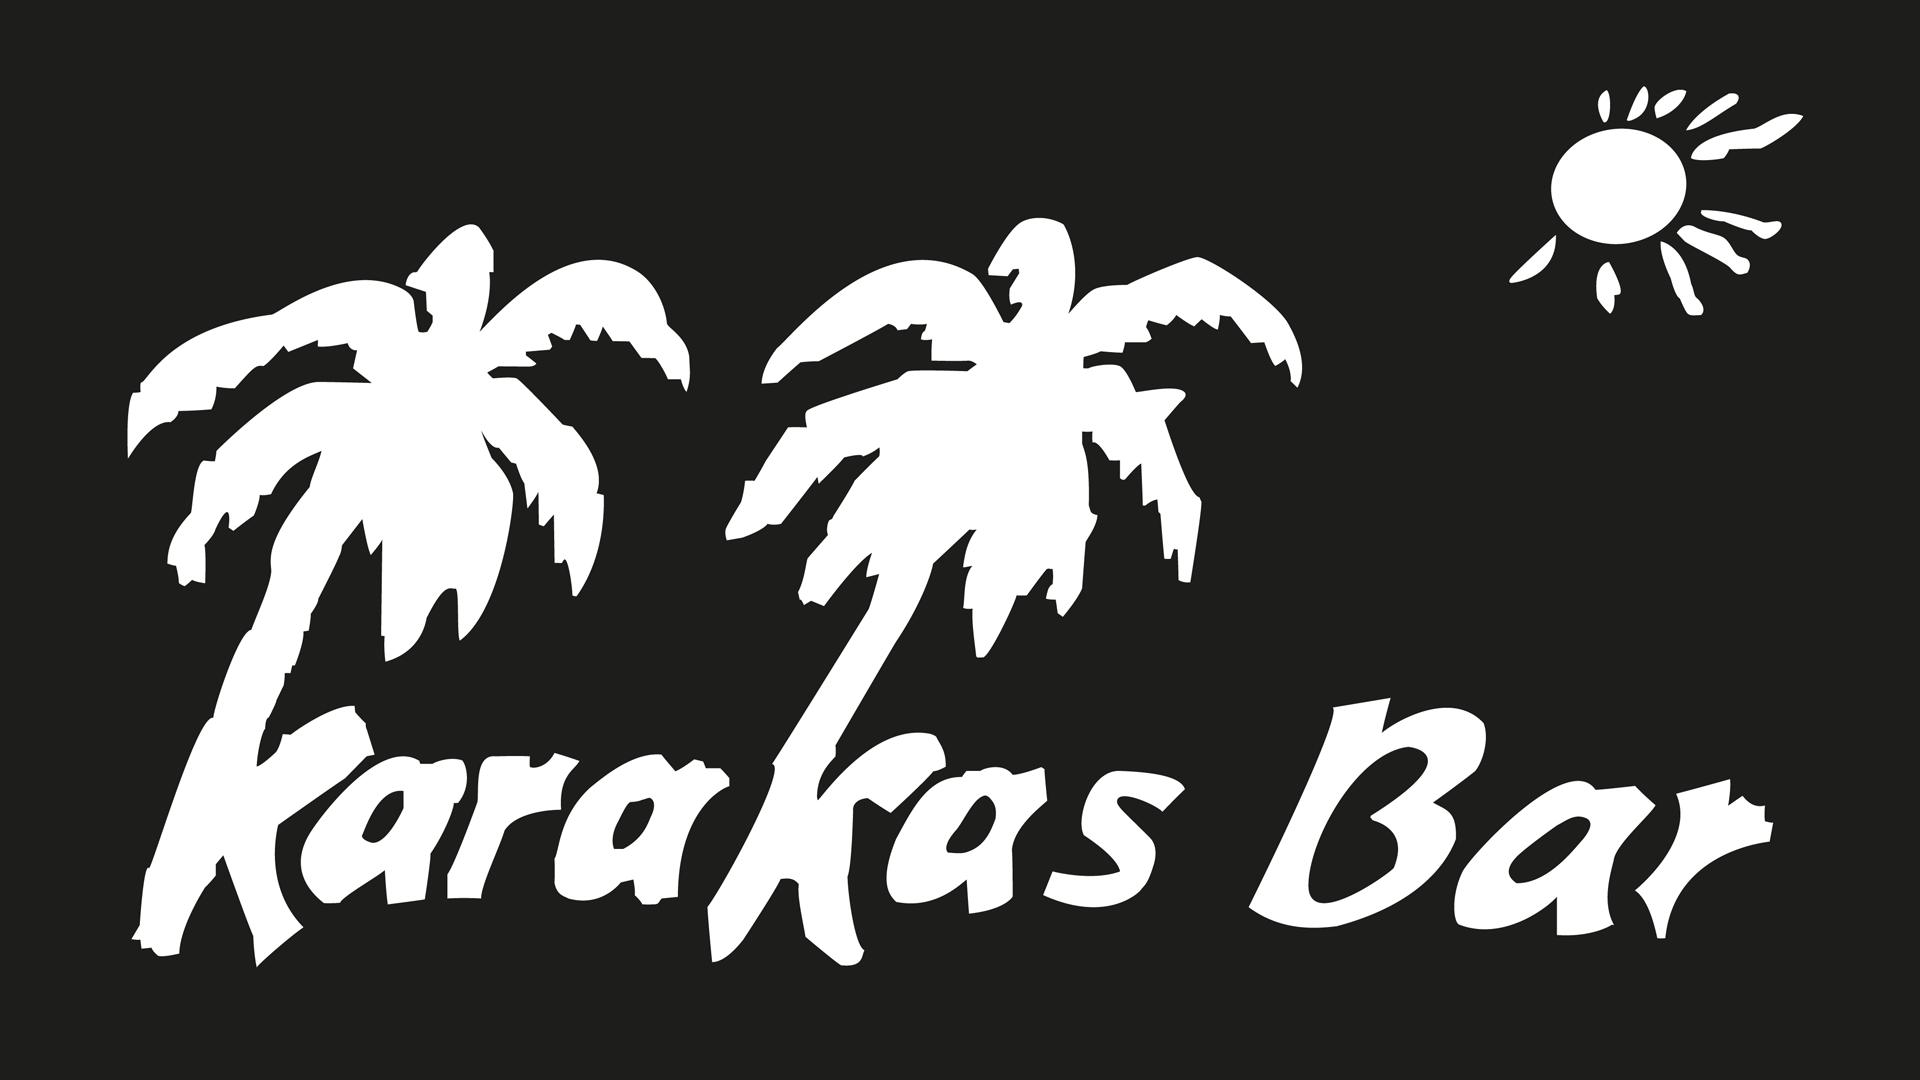 Logo der Kara Kas Bar